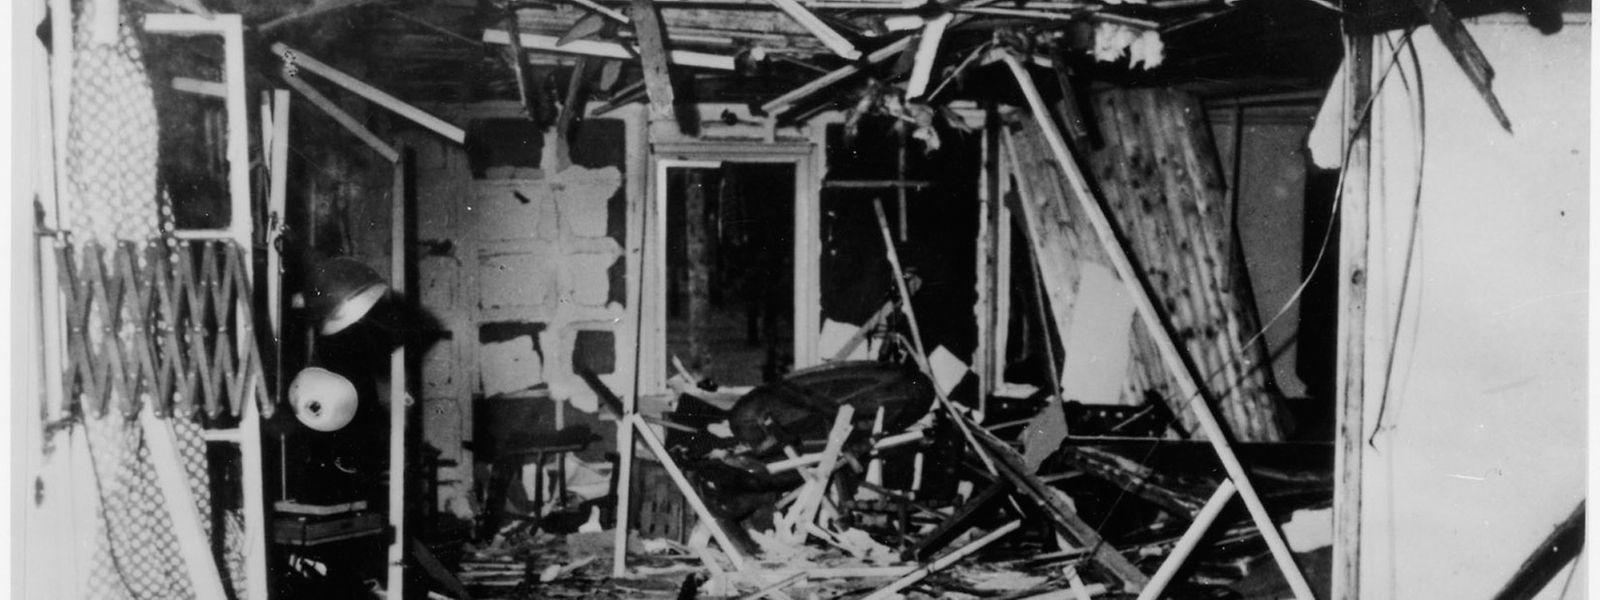 O estado em que ficou o quartel-general - conhecido como Toca do Lobo - de Hitler, em  Rastenburg, depois do atentado de 20 de julho de 1944.